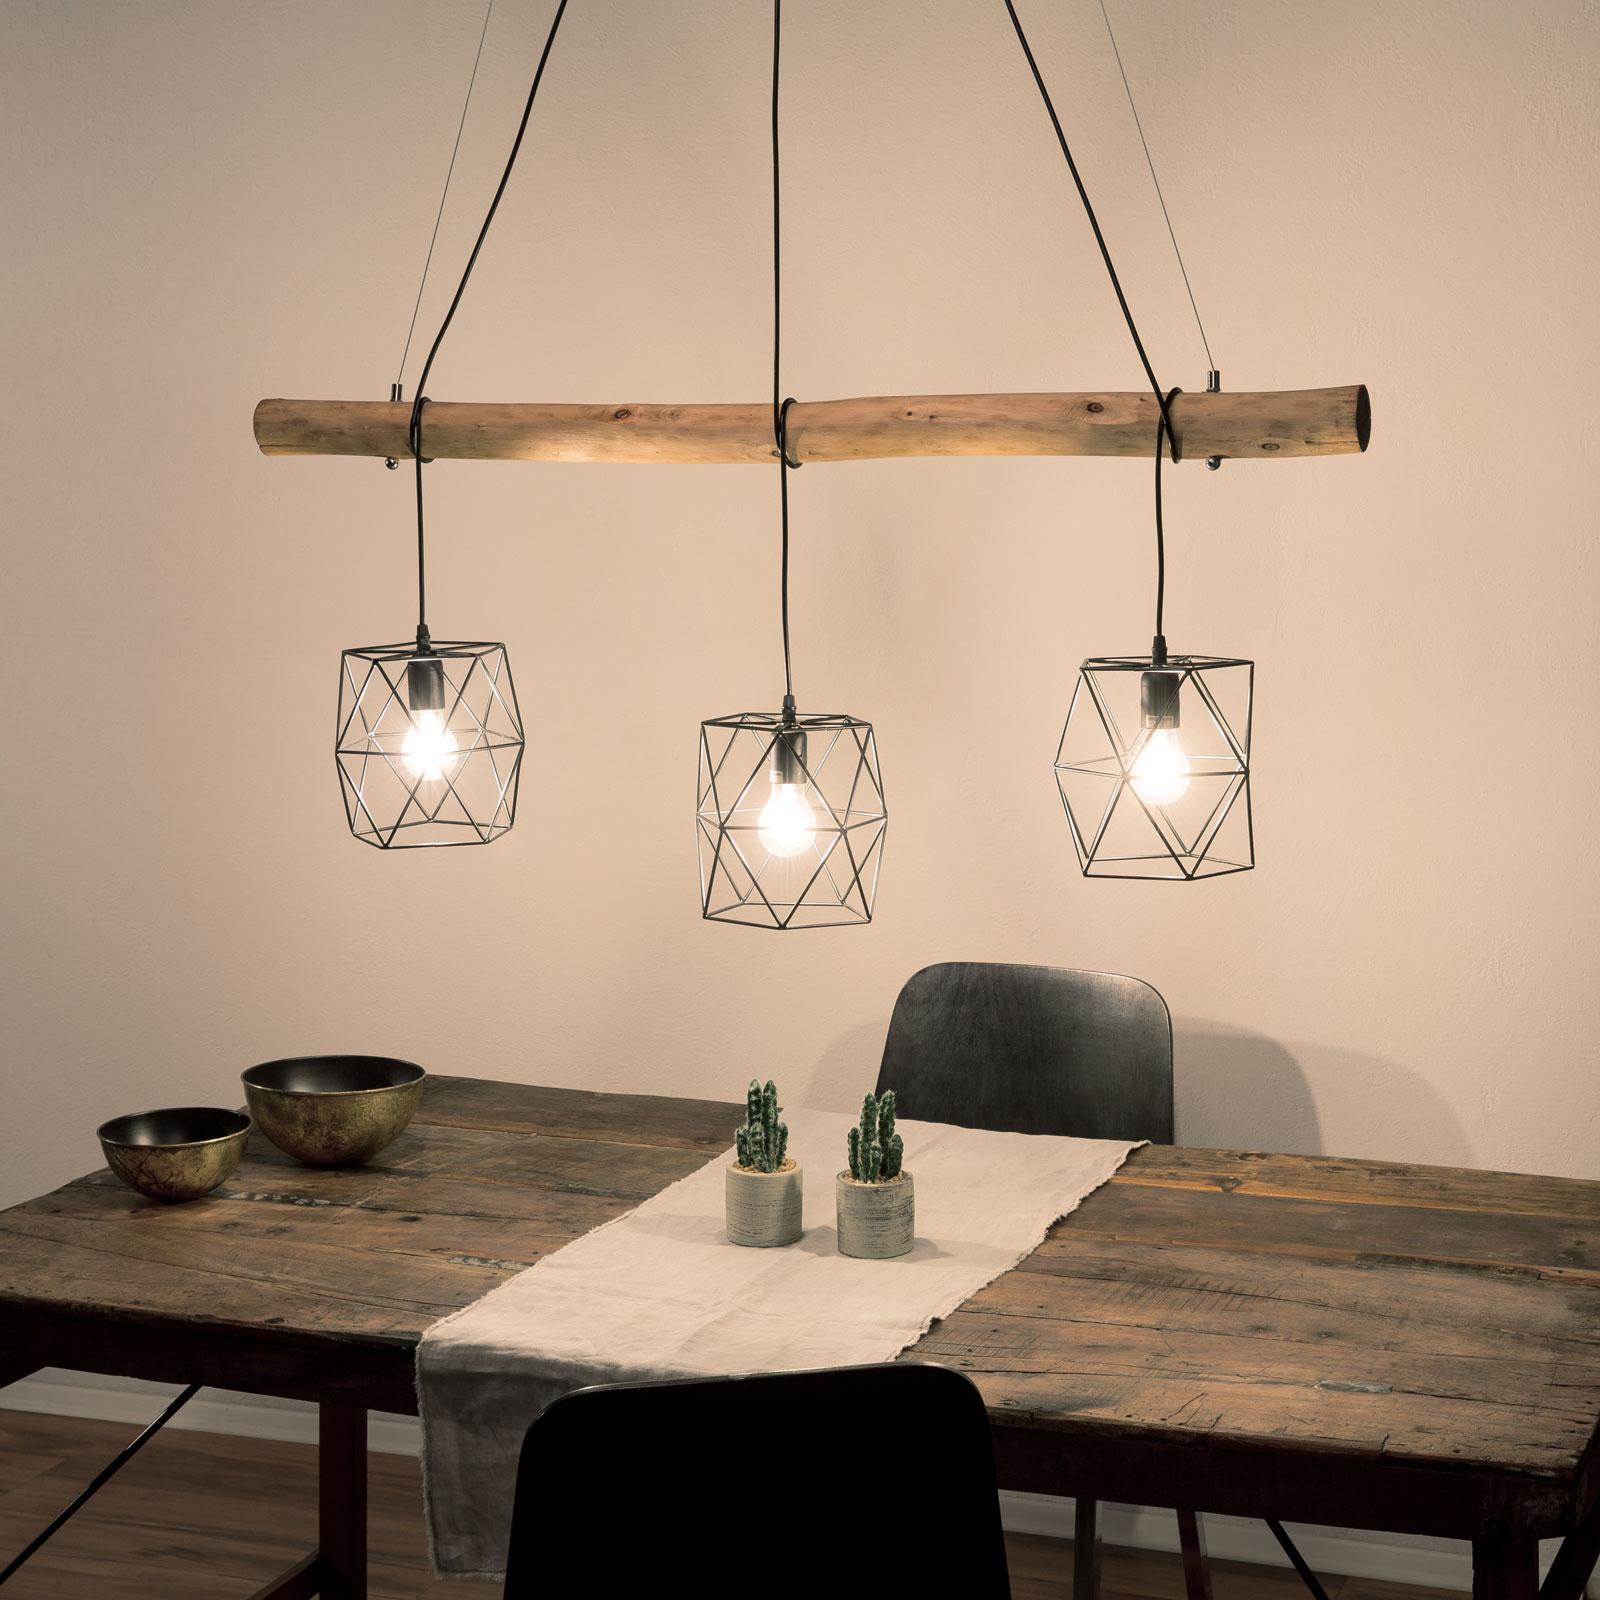 Lampa wisząca Edgar z drewnianą belką, 3-punktowa